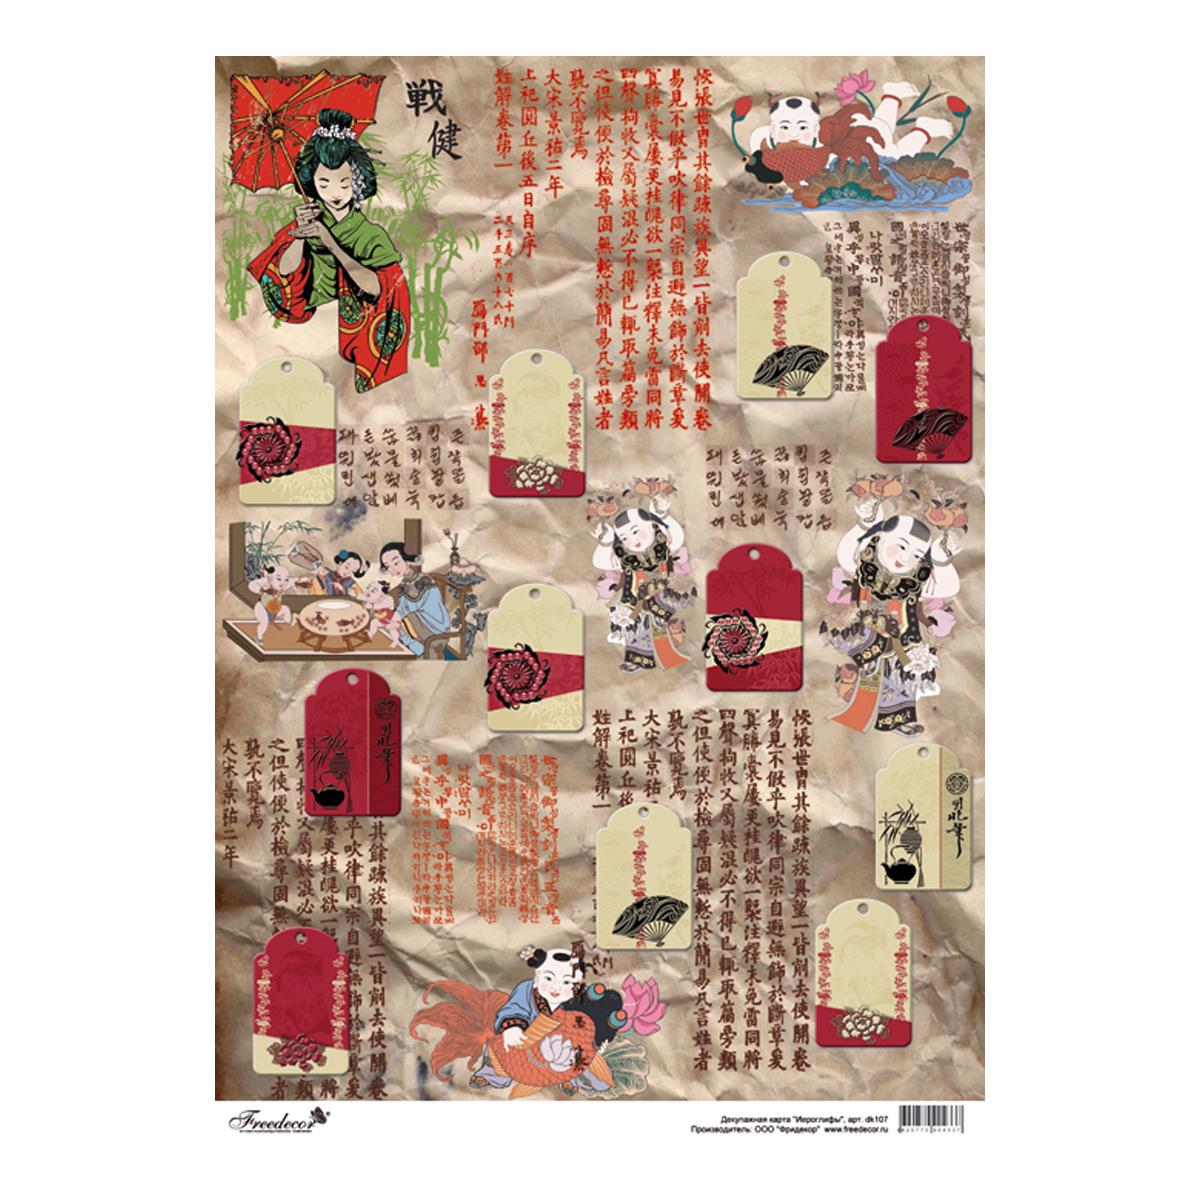 Декупажная карта Freedecor Японский мотив, А3, 80 гр./м.кв. Dk 107680073_107японскиймотивДекупажные карты Фридекор отличаются оригинальными, стильными дизайнами и прекрасным качеством. Печать декупажных карт происходит на бумаге плотностью 80 гр/м2.